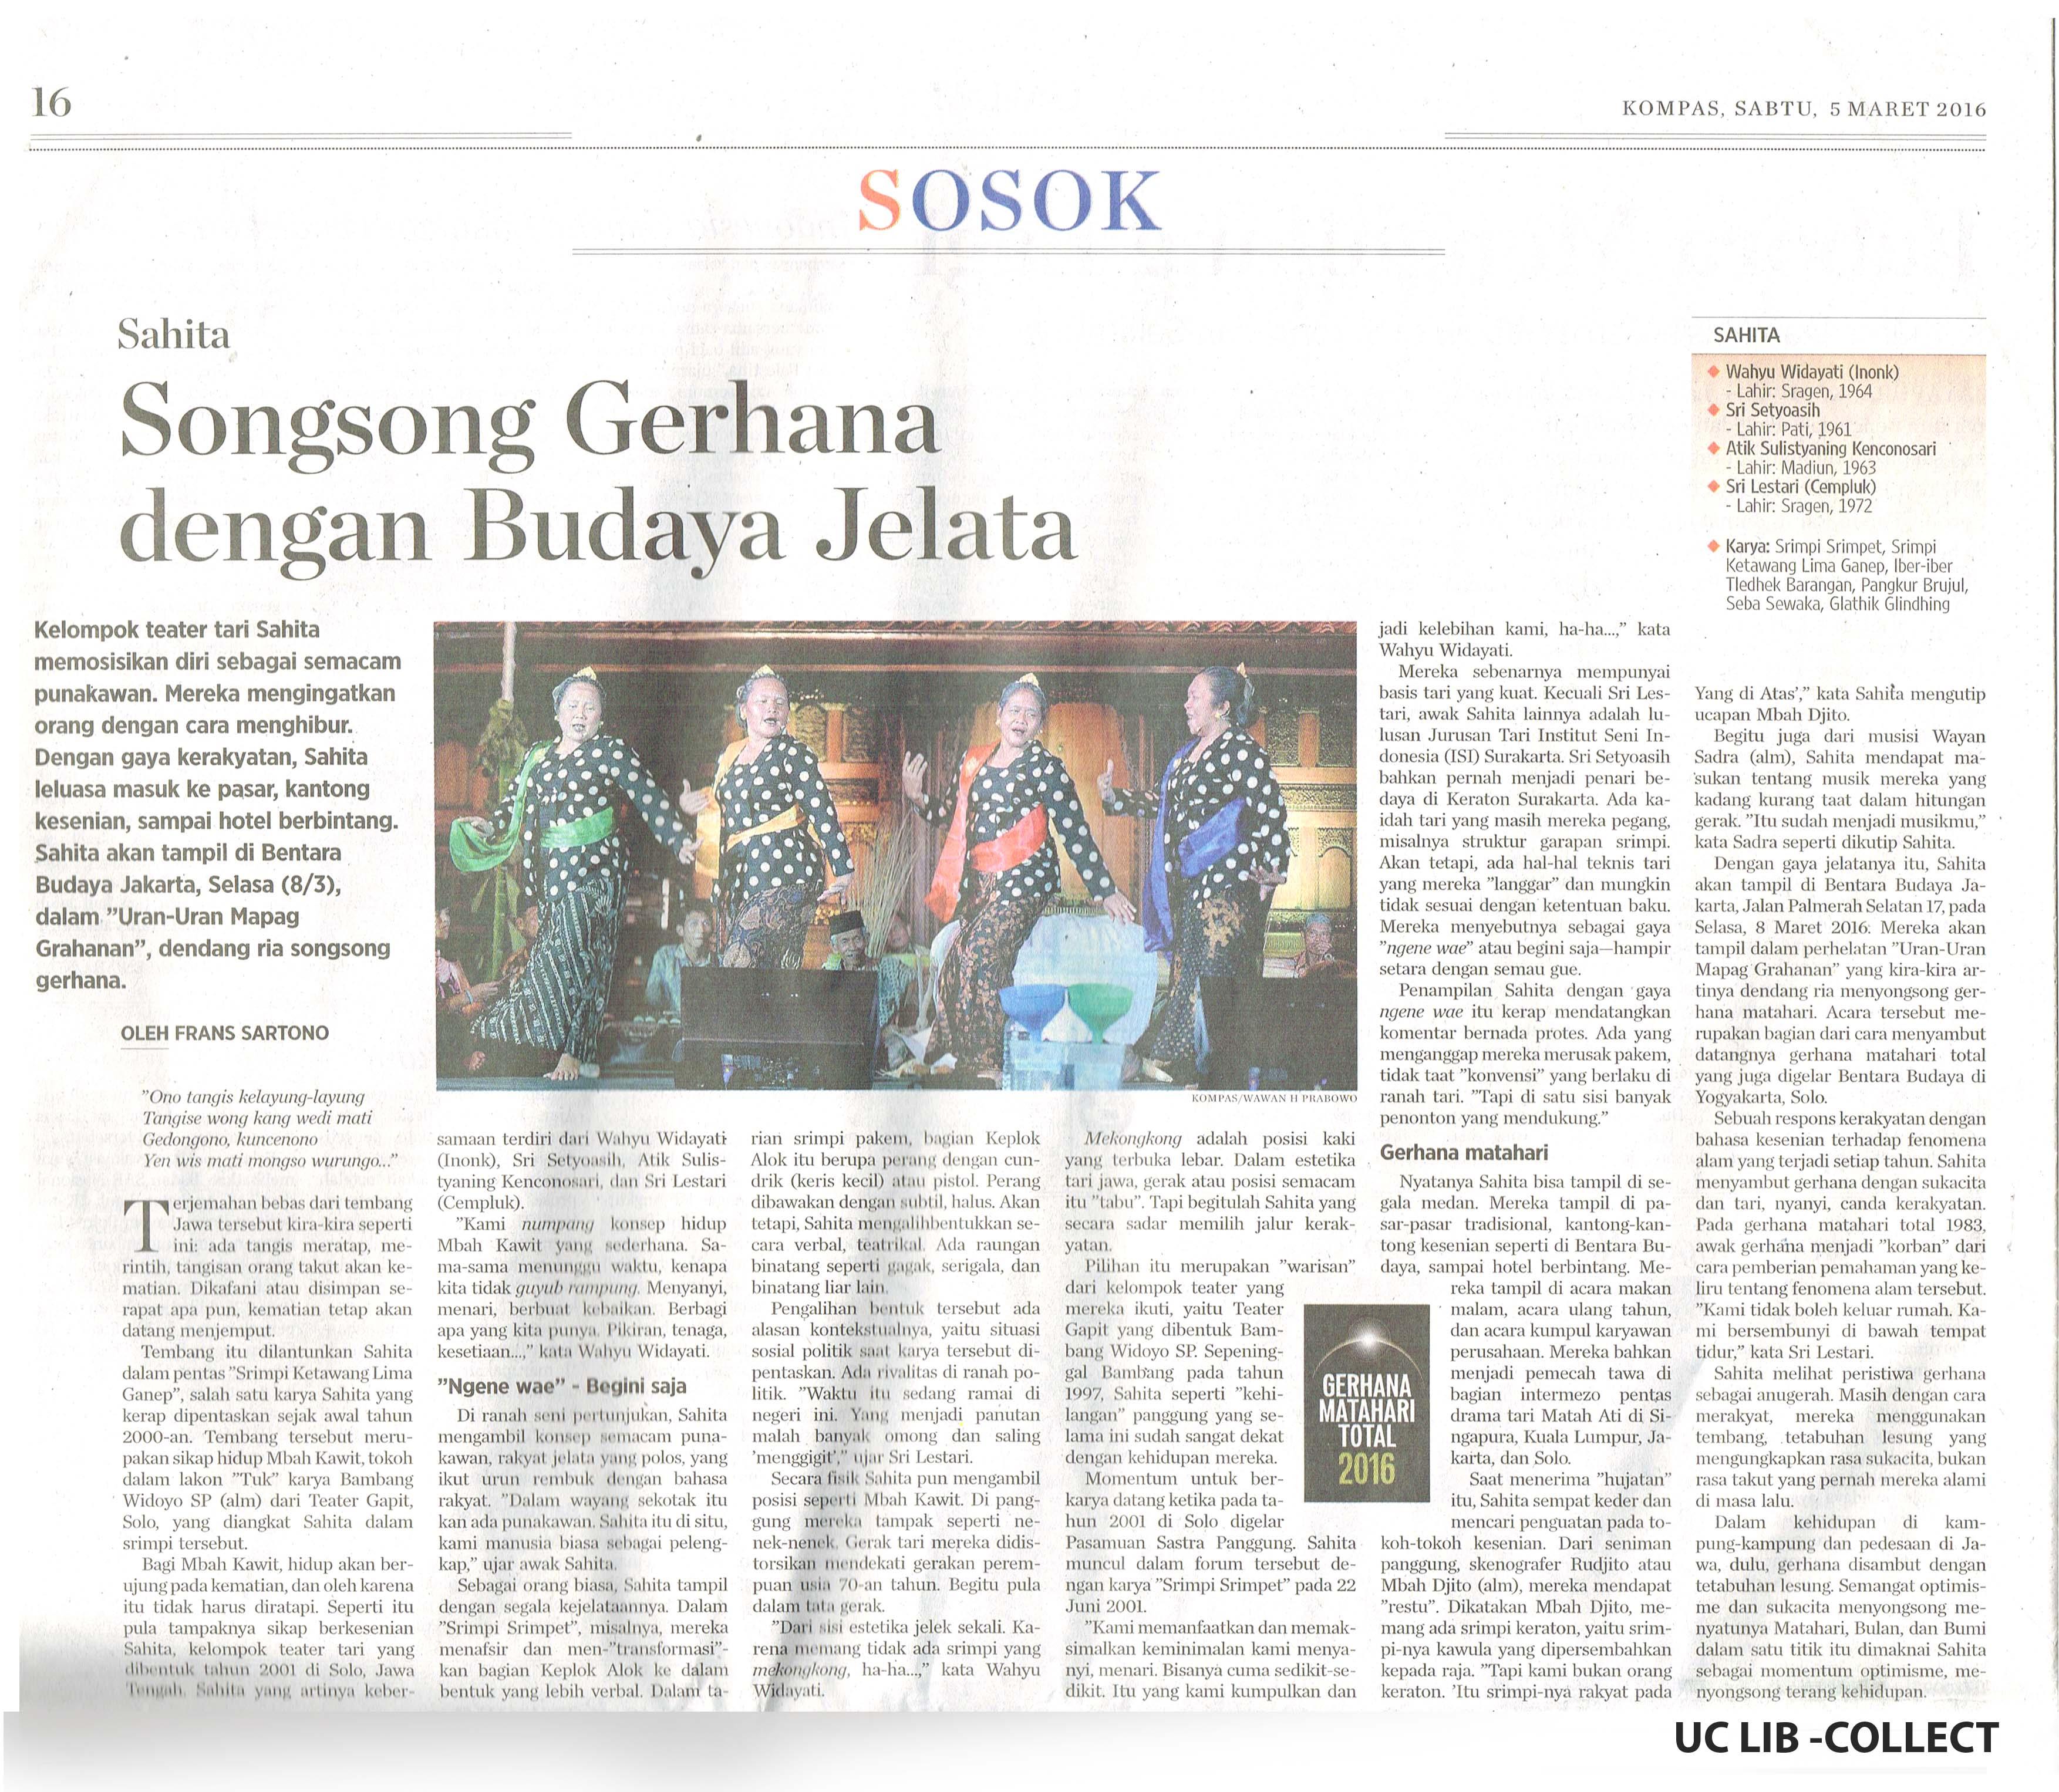 Sahita Songsong Gerhana dengan Budaya Jelata. Kompas. 5 Maret 2016. Hal 16